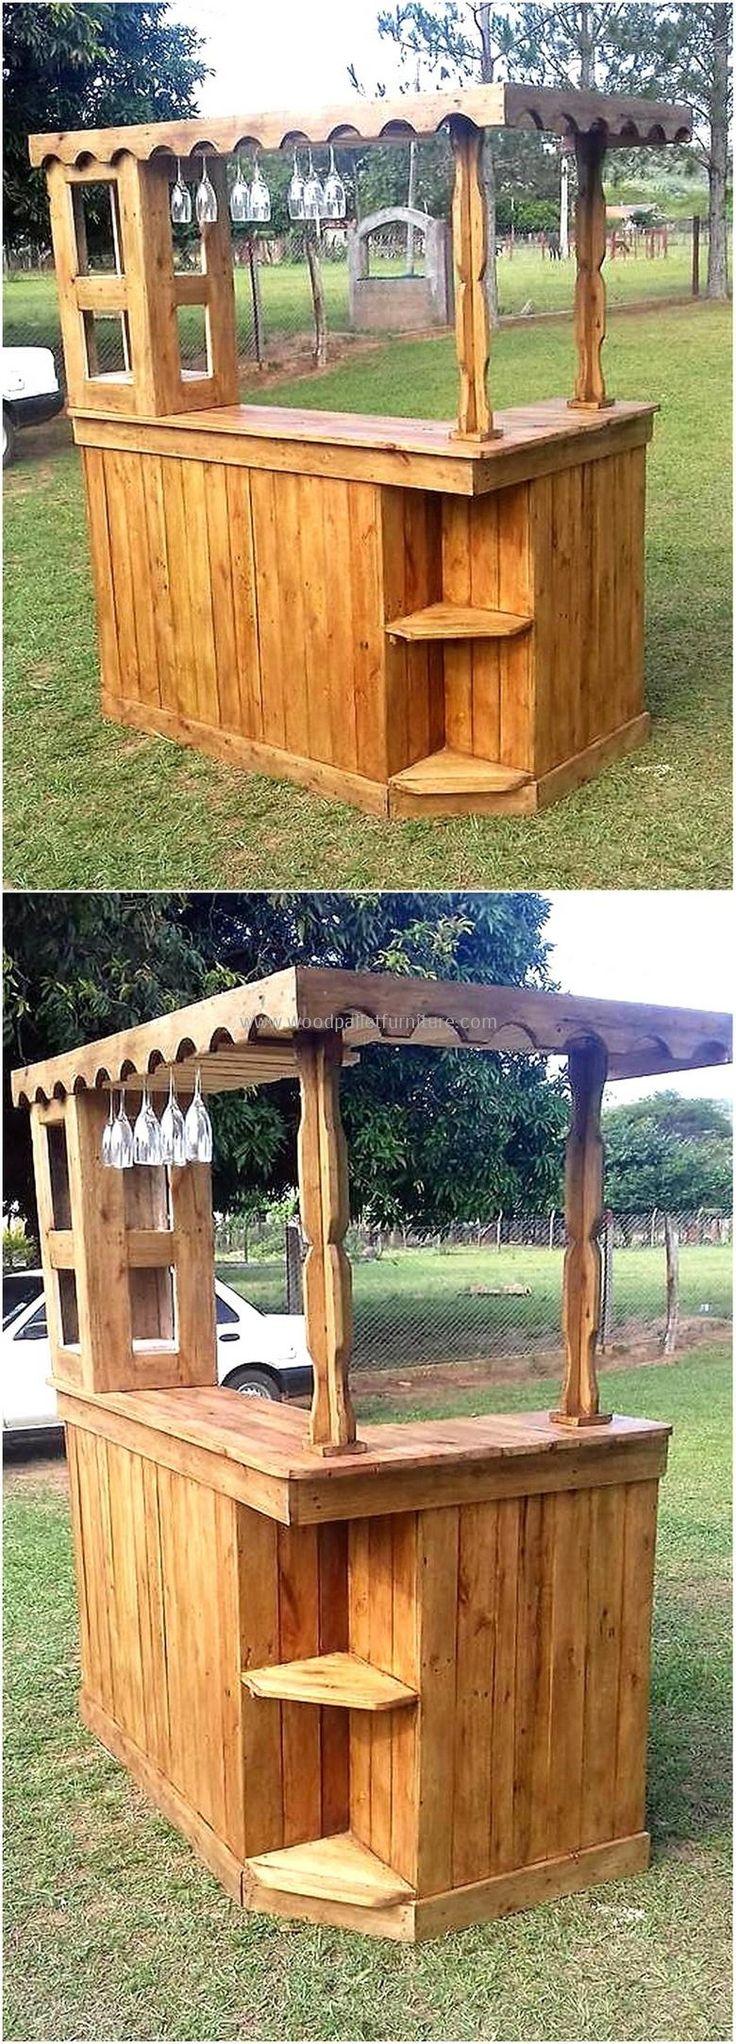 plan de barra de palés de madera reutilizado